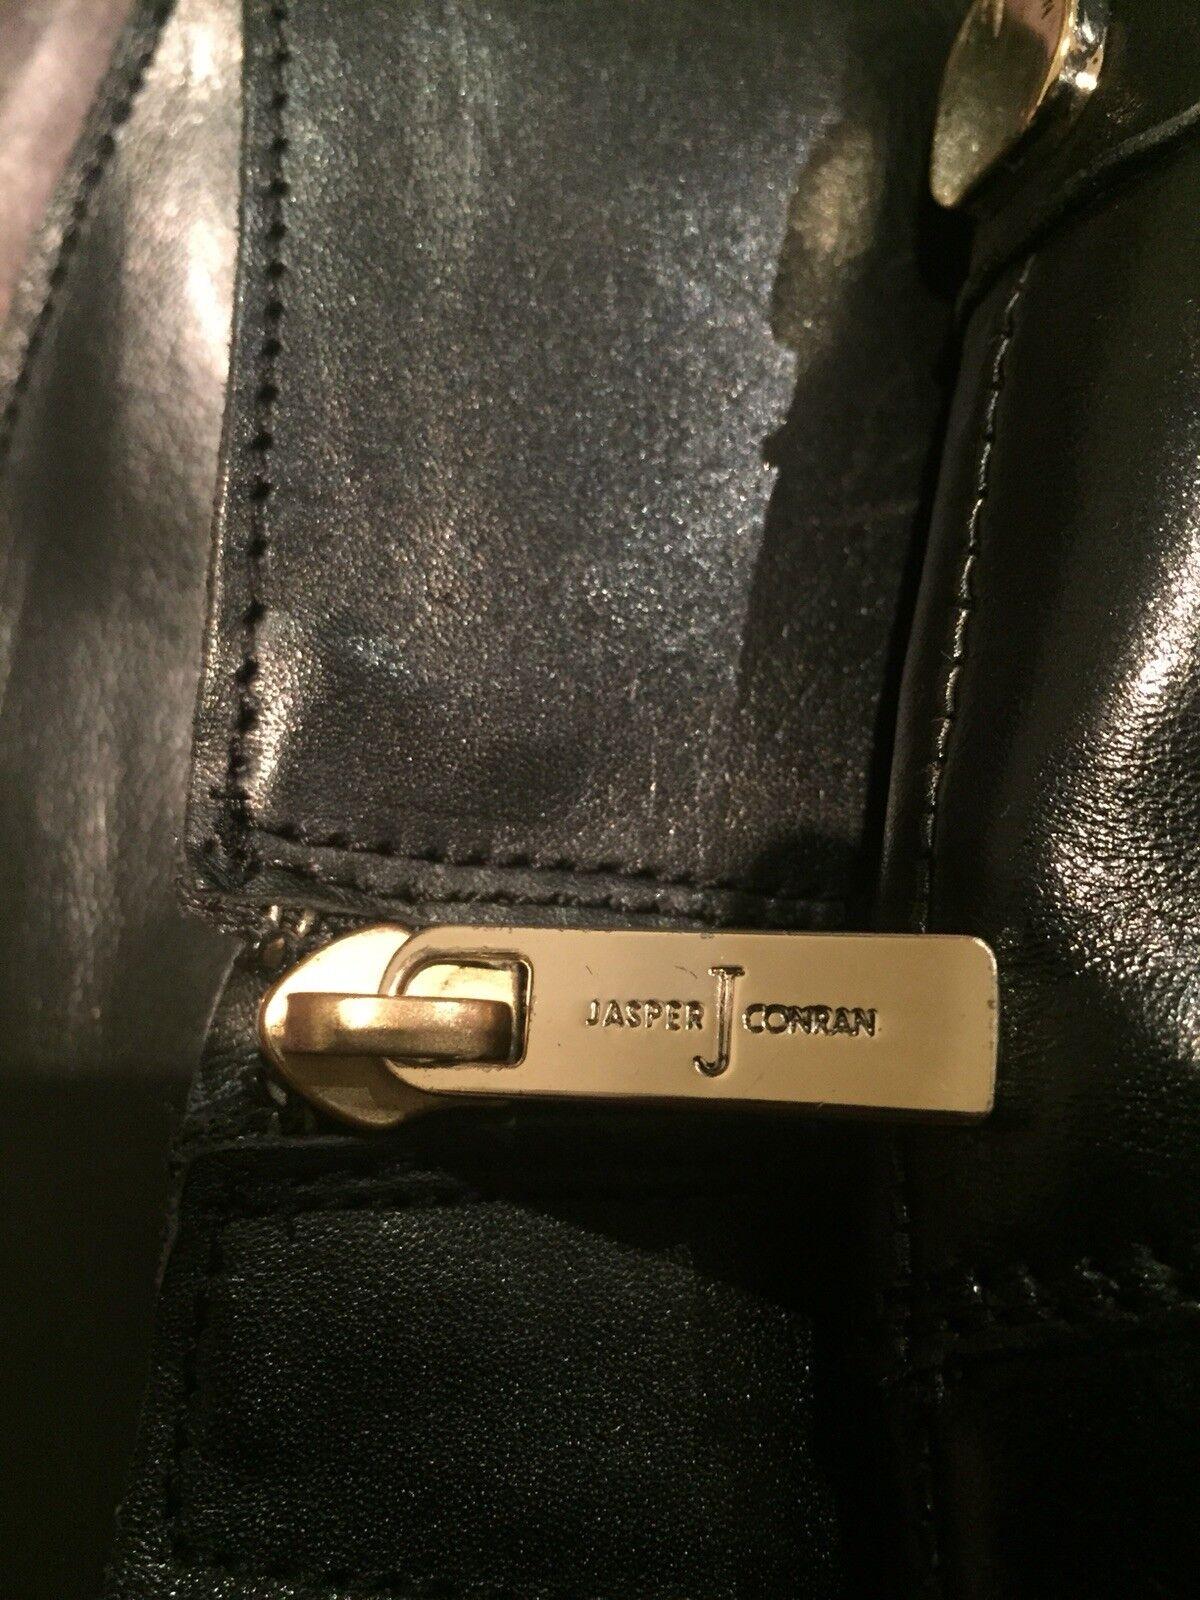 Jasper Conran Leder Stiefel Günstige und gute Schuhe